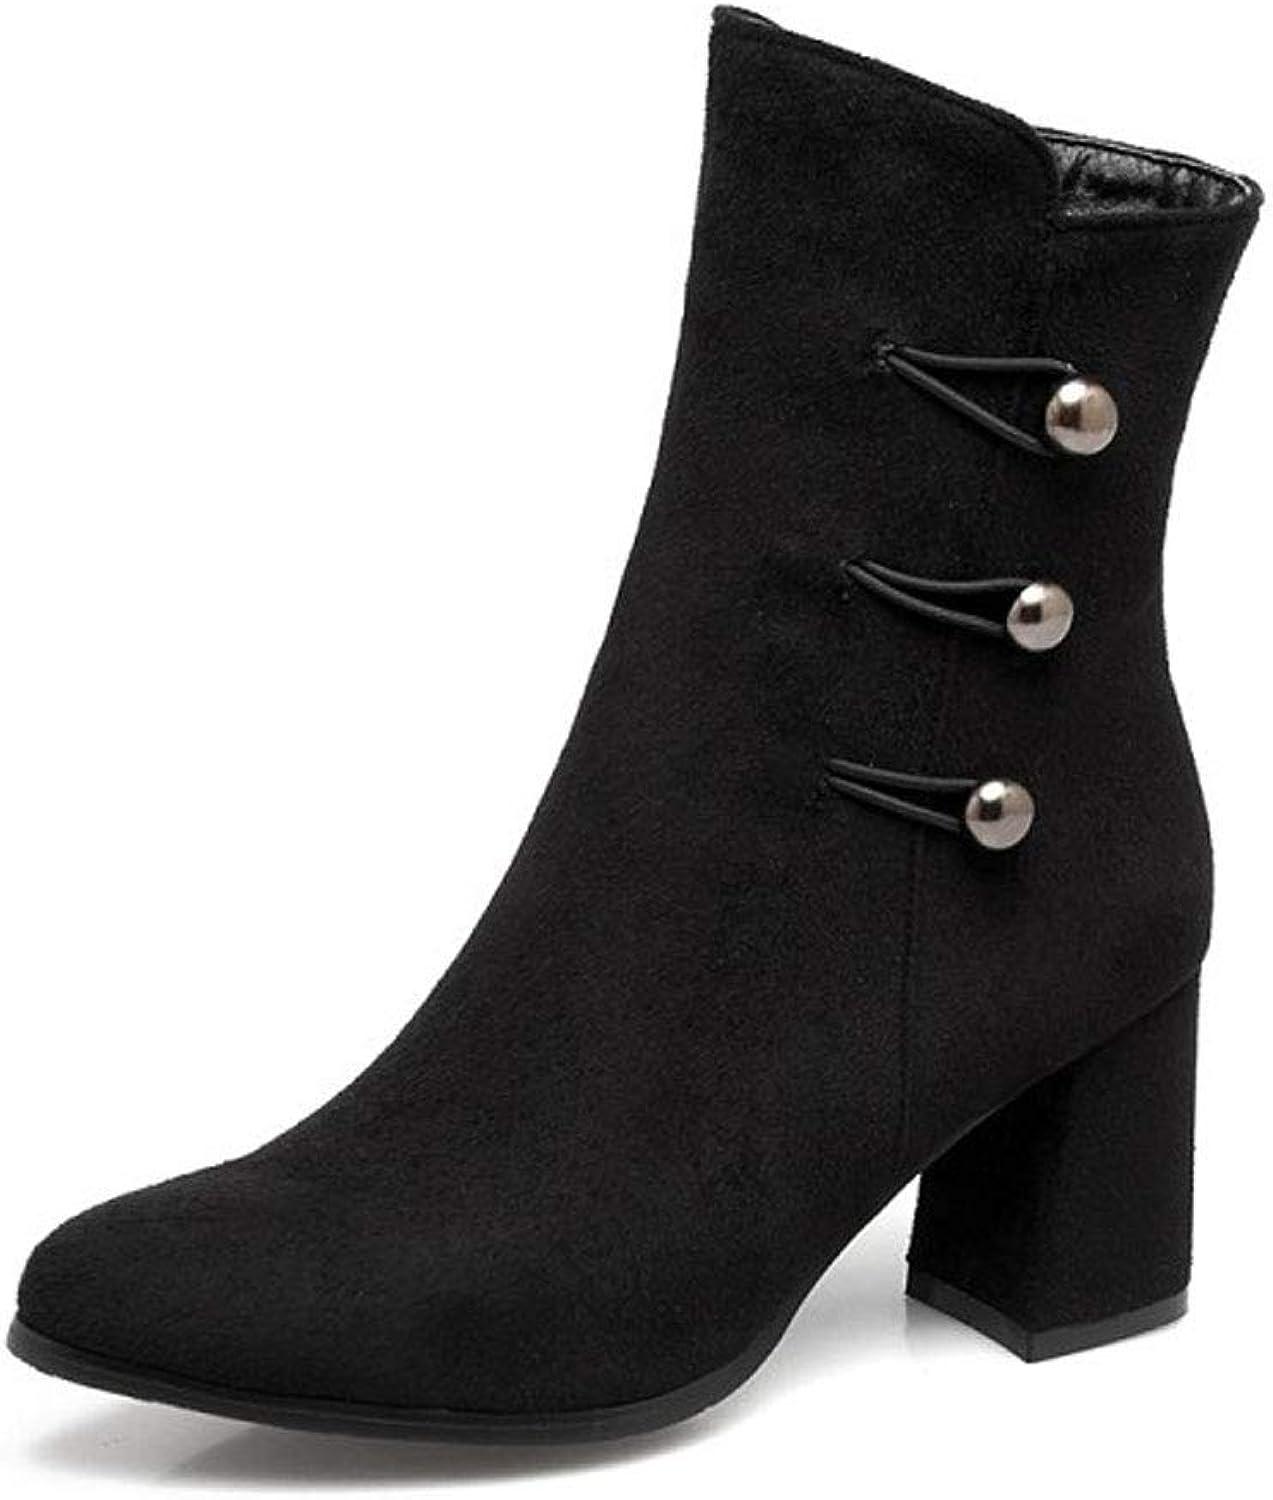 Högklackade skor med korta skor, tjocka kängor kängor kängor med spetsig gylf, vattentät plattform Martin stövlar Kvinnliga skor  förstklassiga kvalitet först